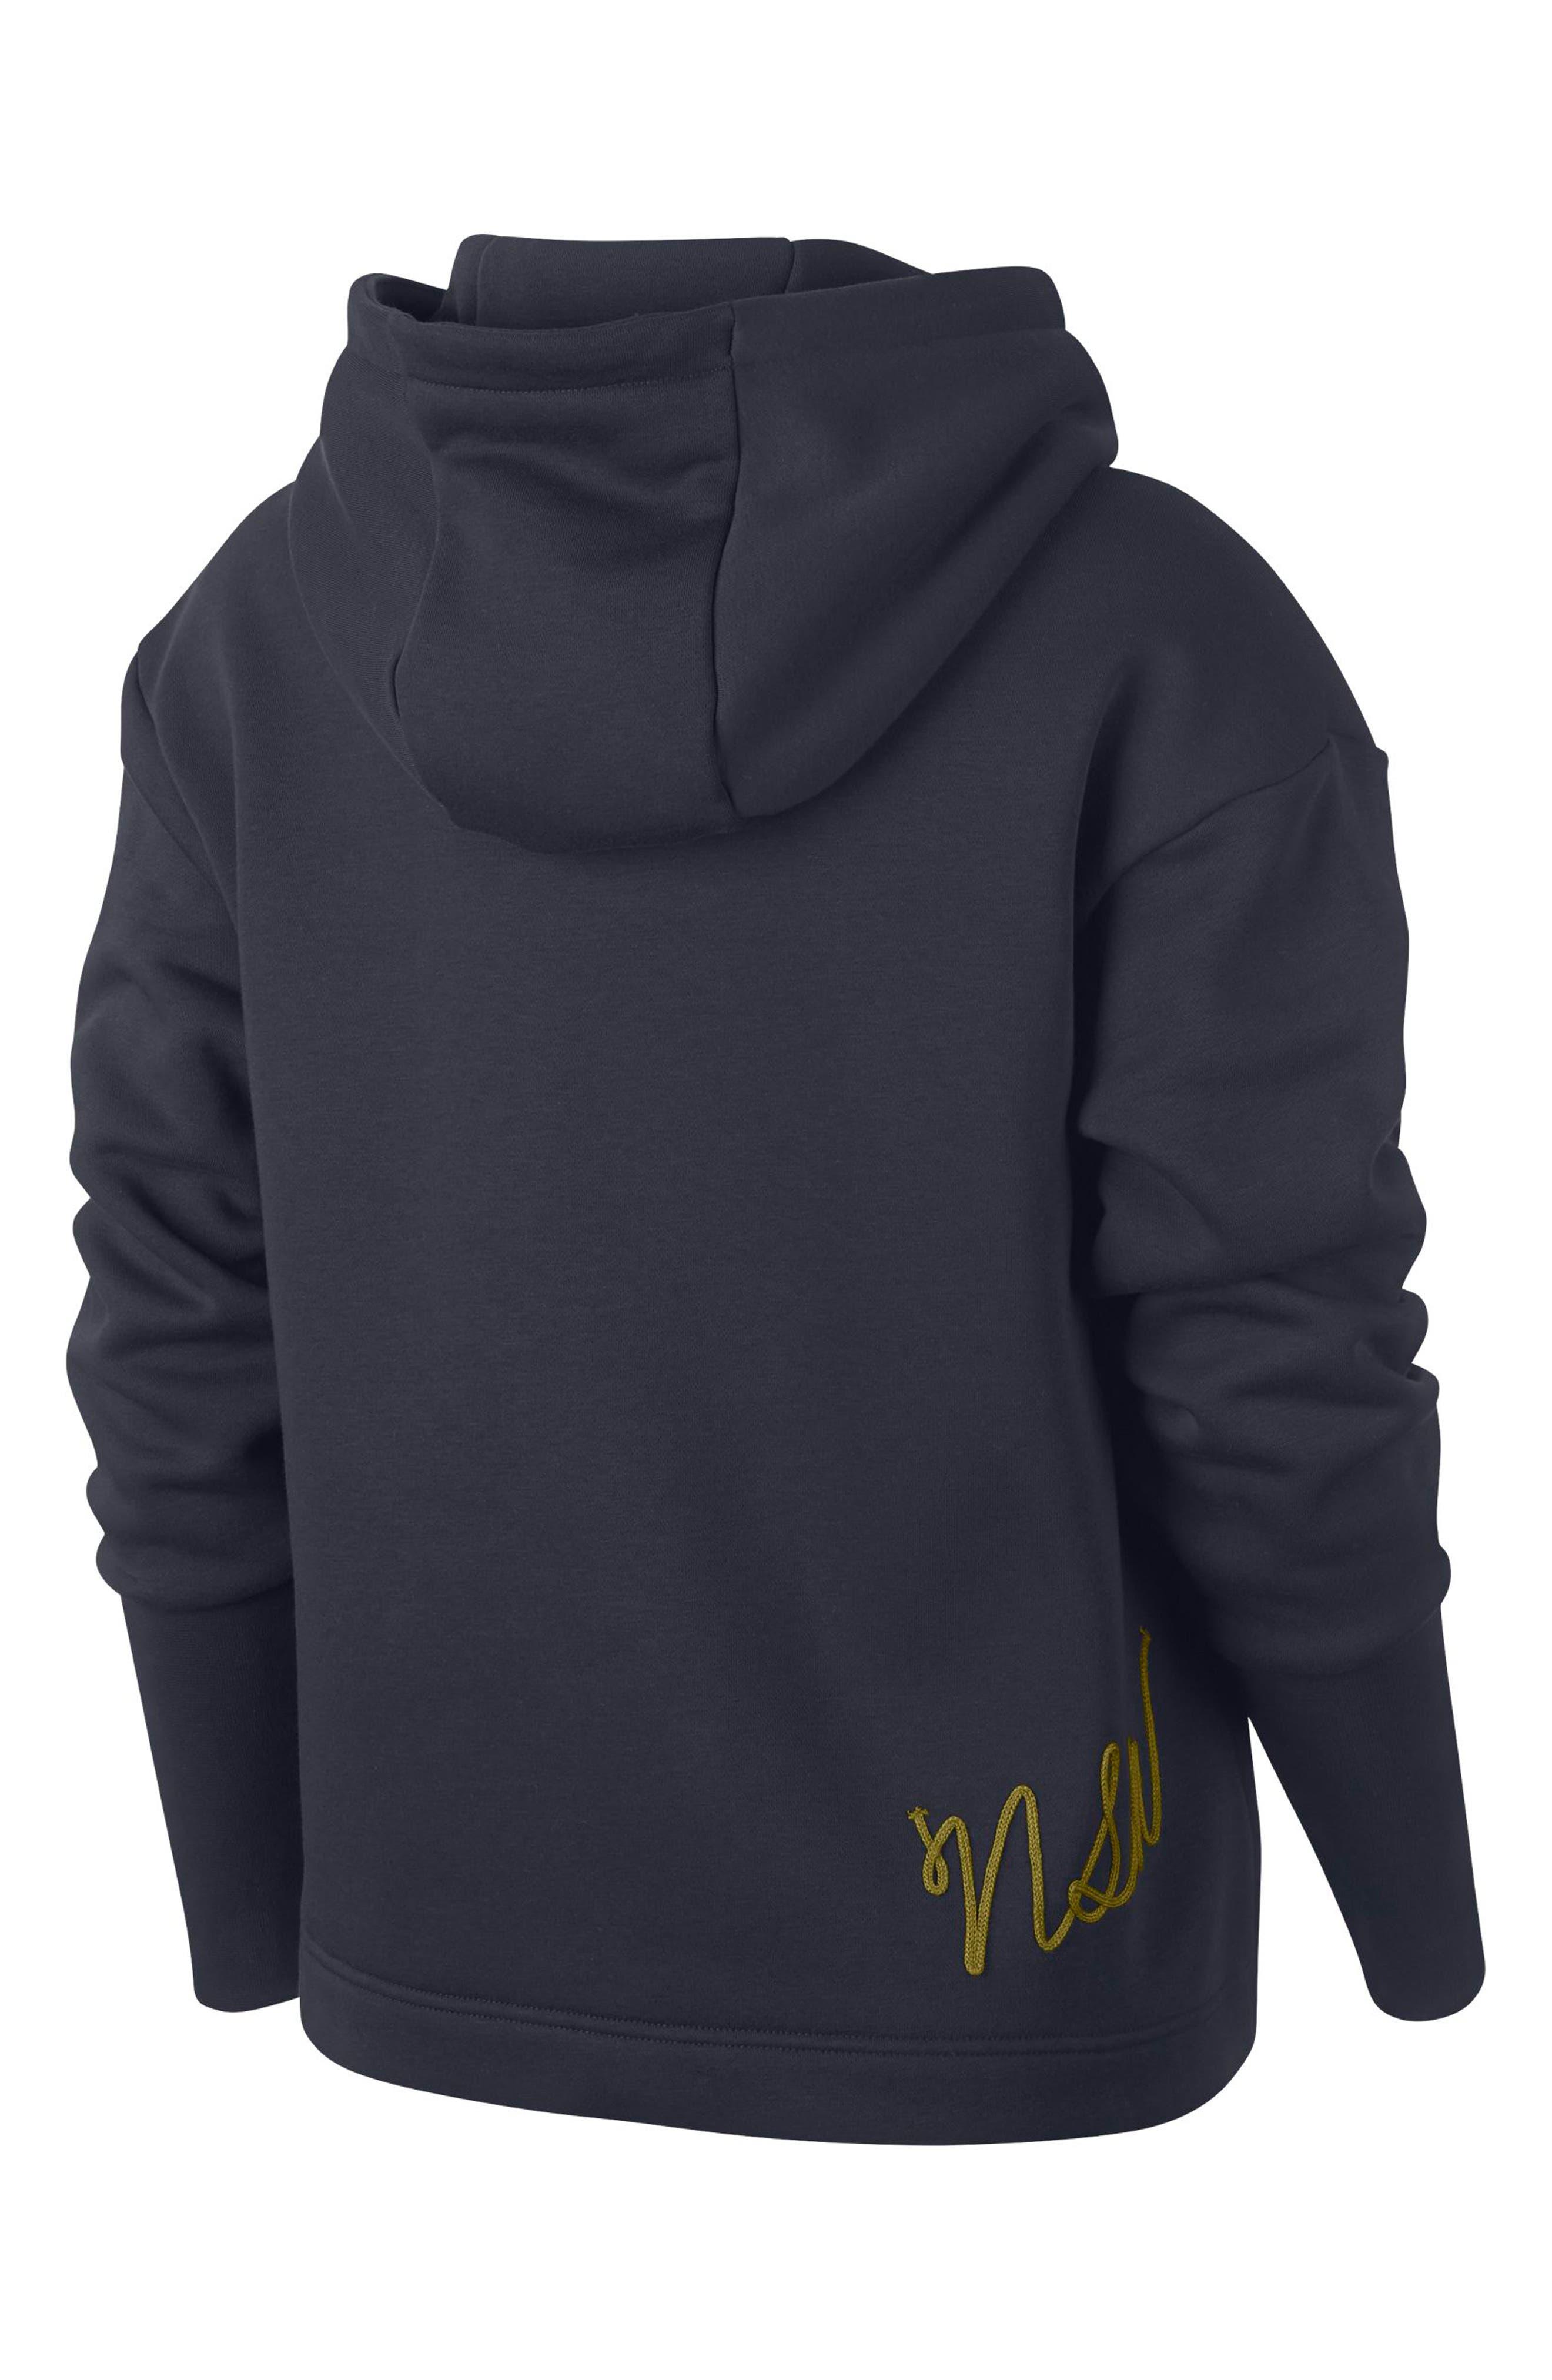 NIKE,                             Sportswear NSW Women's Fleece Hoodie,                             Alternate thumbnail 6, color,                             DARK OBSIDIAN/ OLIVE